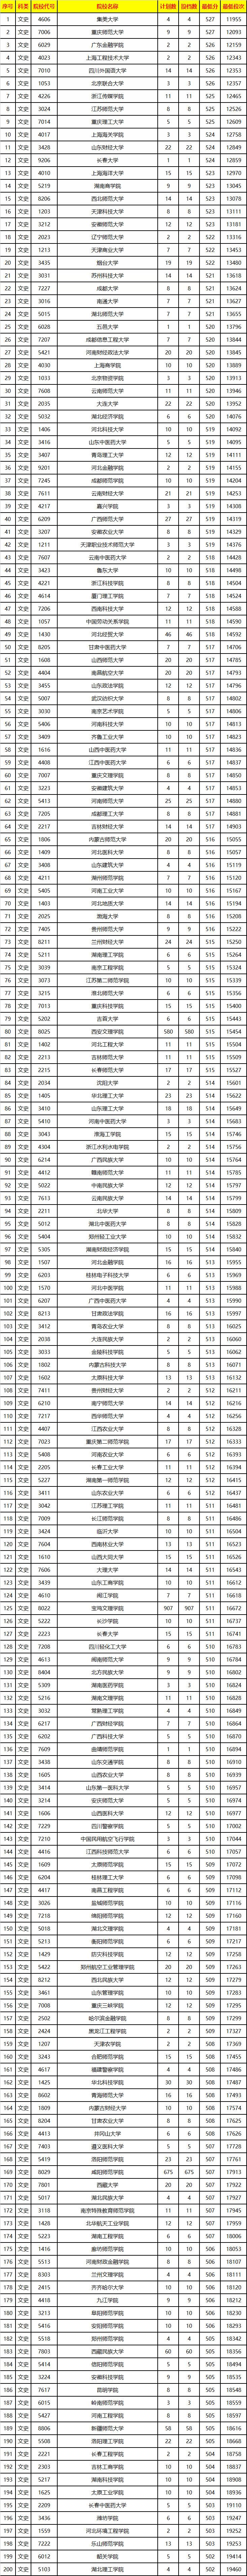 2019年陕西二本投档线(文理科)正式公布!本科二批录取结果30日晚可查!